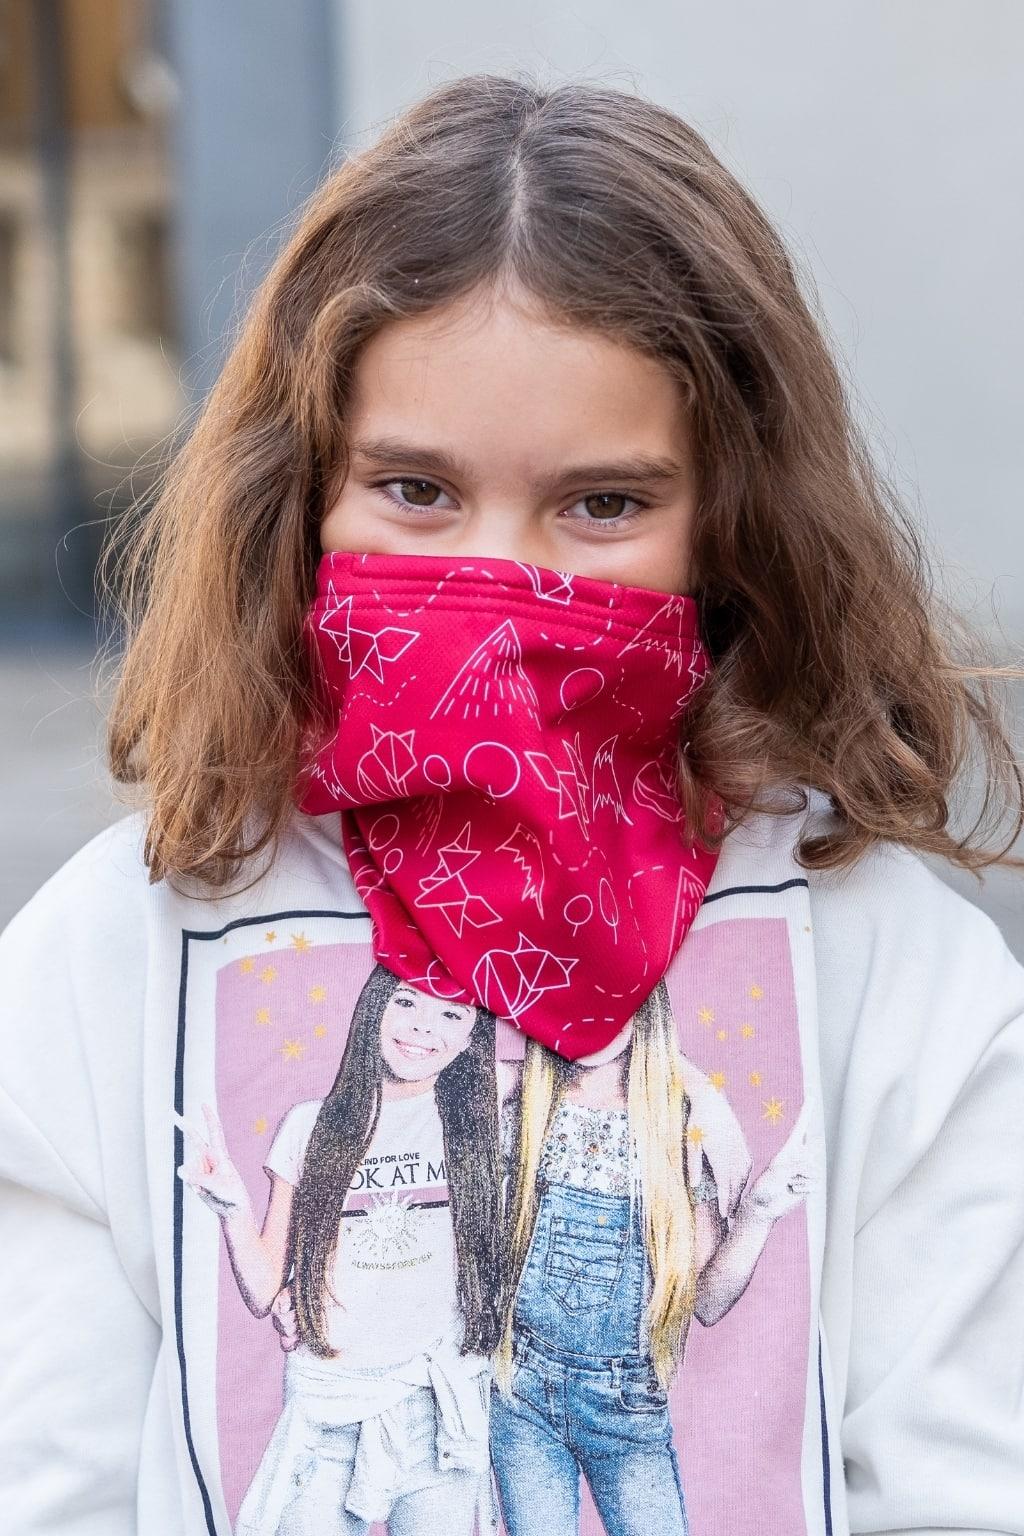 Dětský antivirový šátek nanoSPACE - lišky Barva: Růžová FFP2 dle dTestu